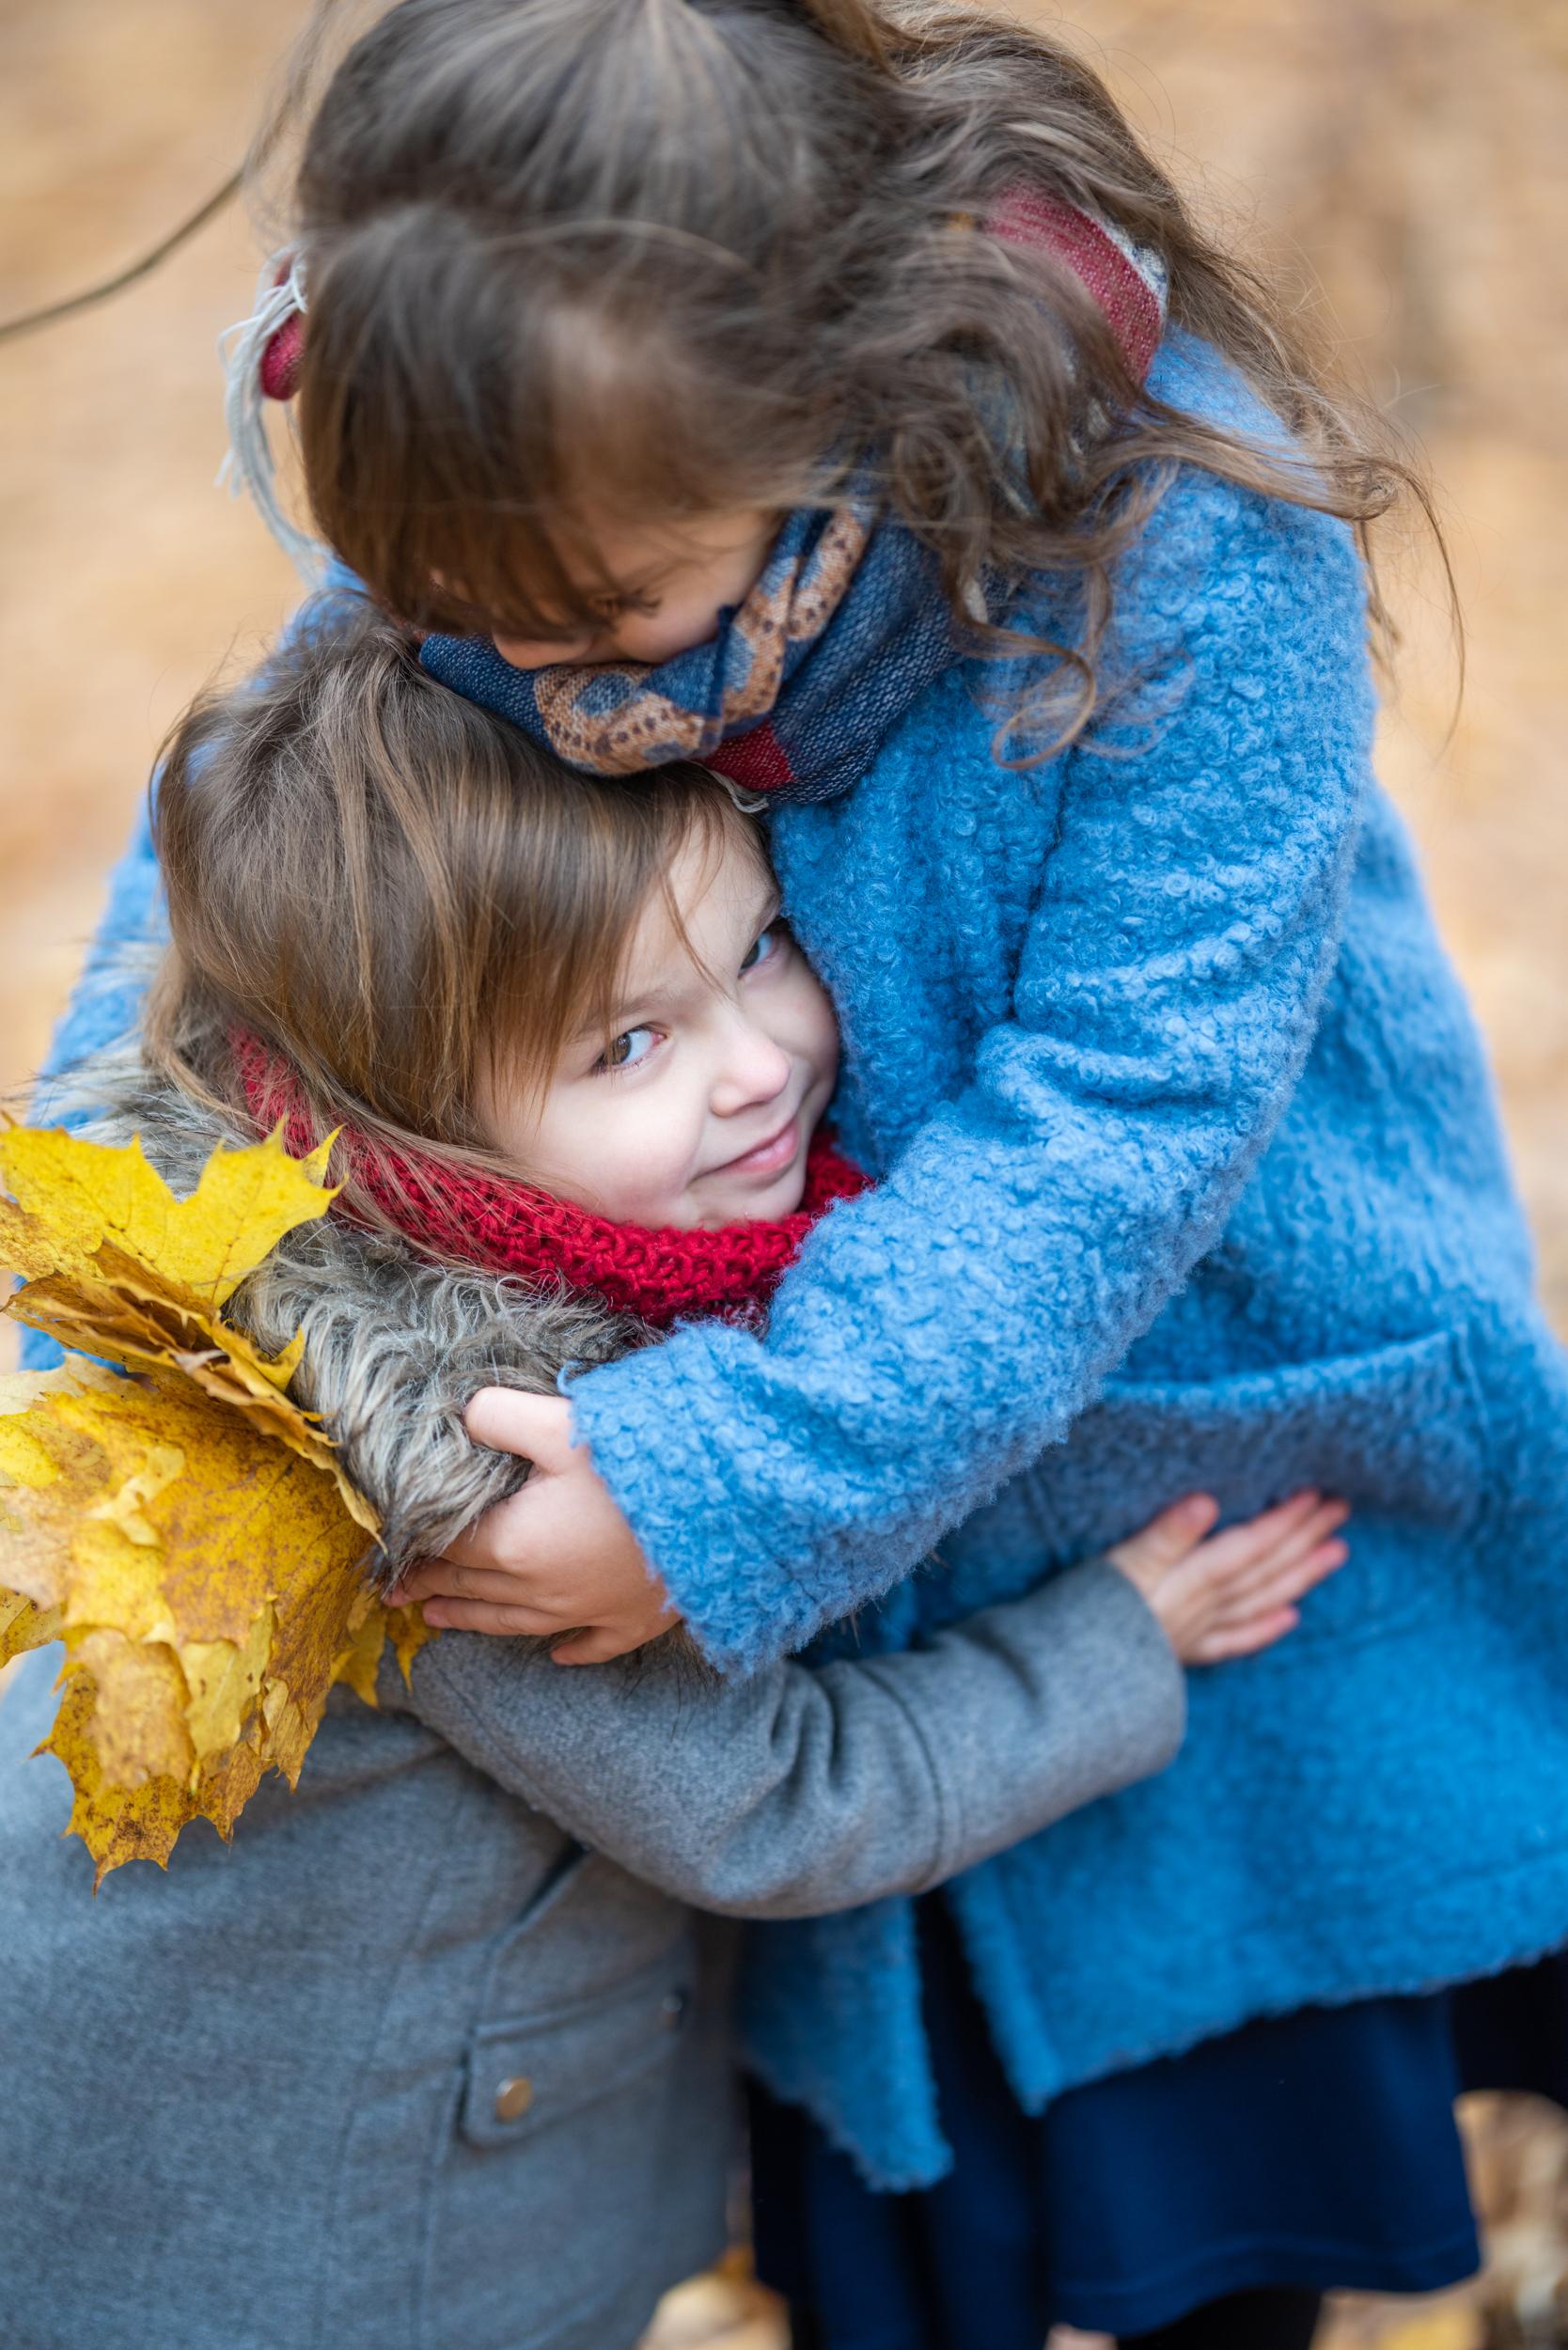 Odchudzanie dziecka w wieku 11 lat - Na pytanie odpowiada mgr Justyna Siwiela   Mangosteen